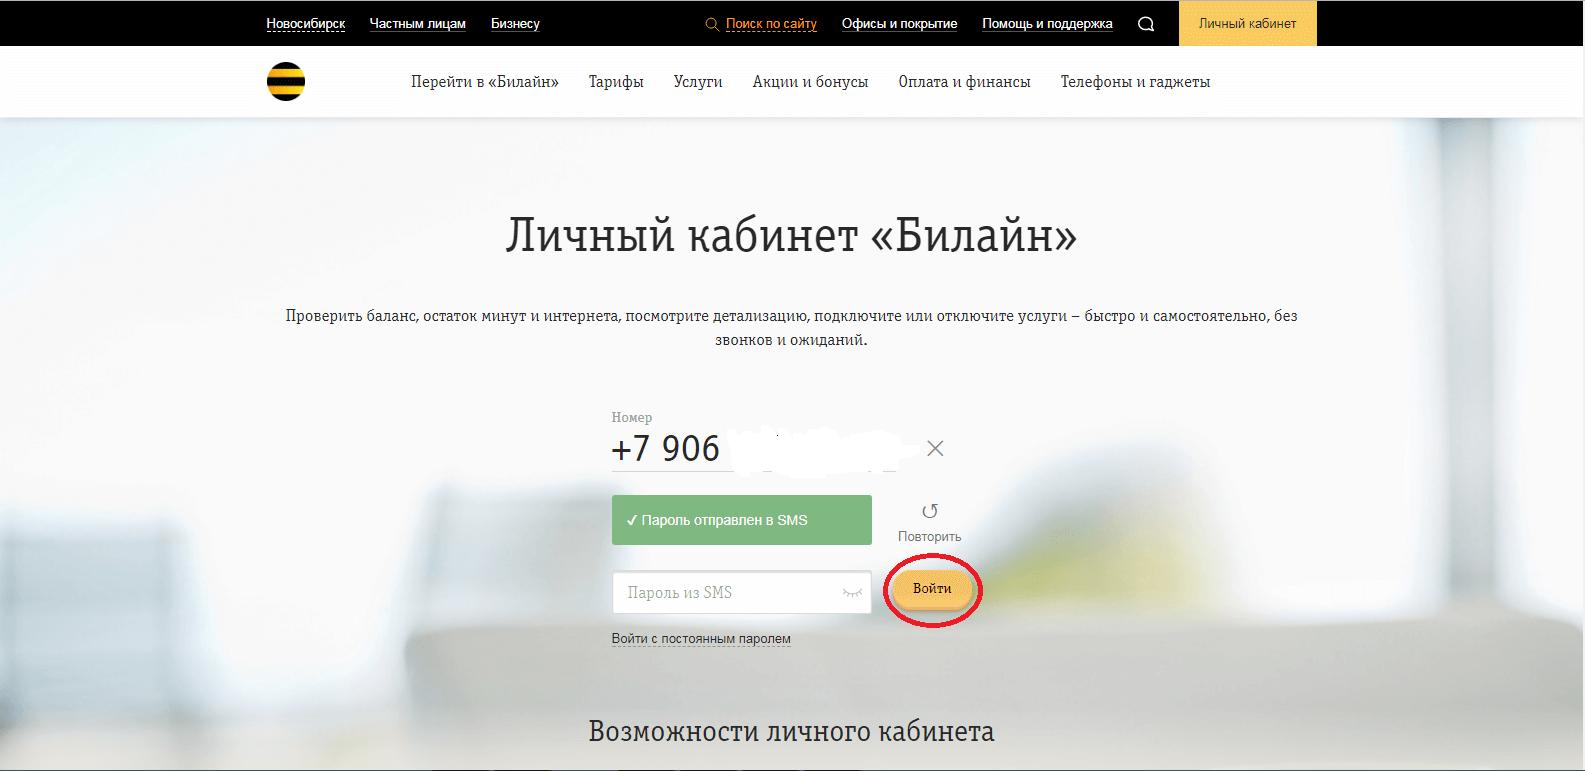 Билайн личный кабинет Ульяновск